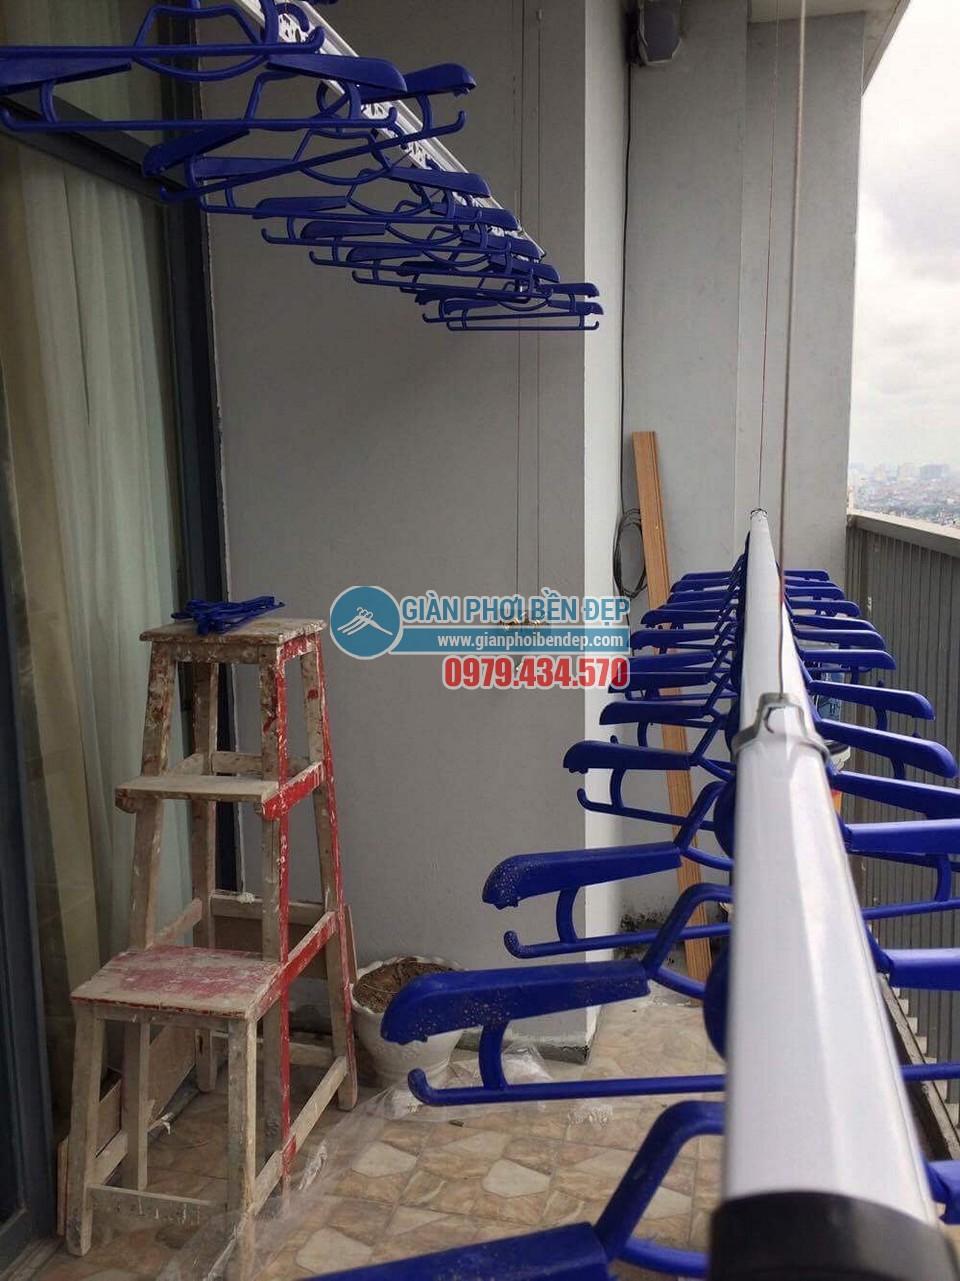 Lắp đặt giàn phơi thông minh tại ban công nhà chị Linh, New Skyline Văn Quán - 02